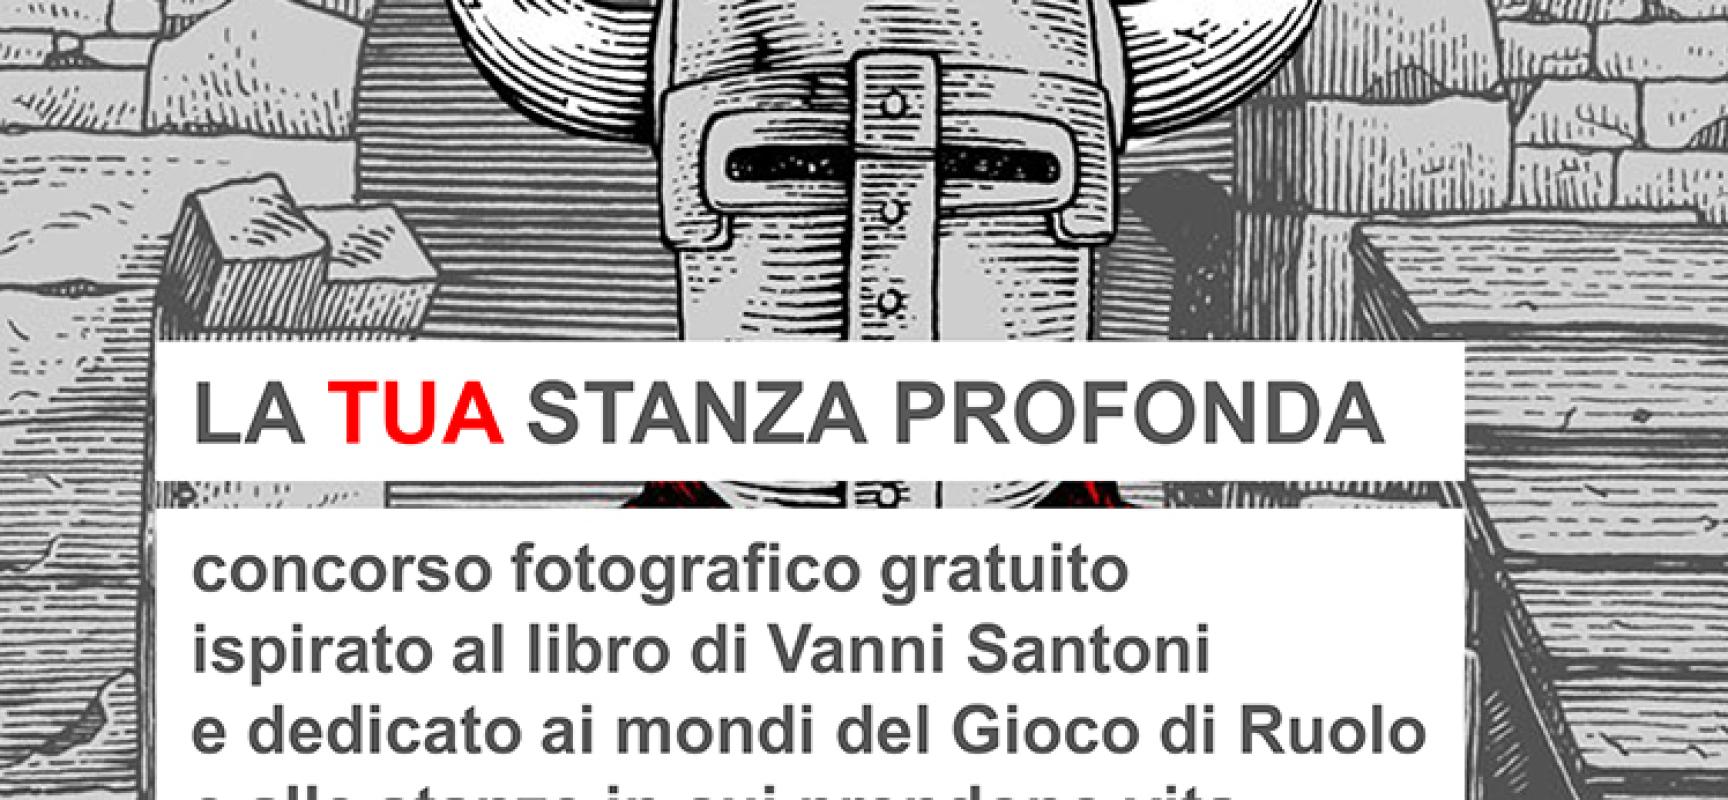 """Concorso fotografico """"La TUA stanza profonda"""": vincono Maurizio Agazzini e Davide Jaccod"""